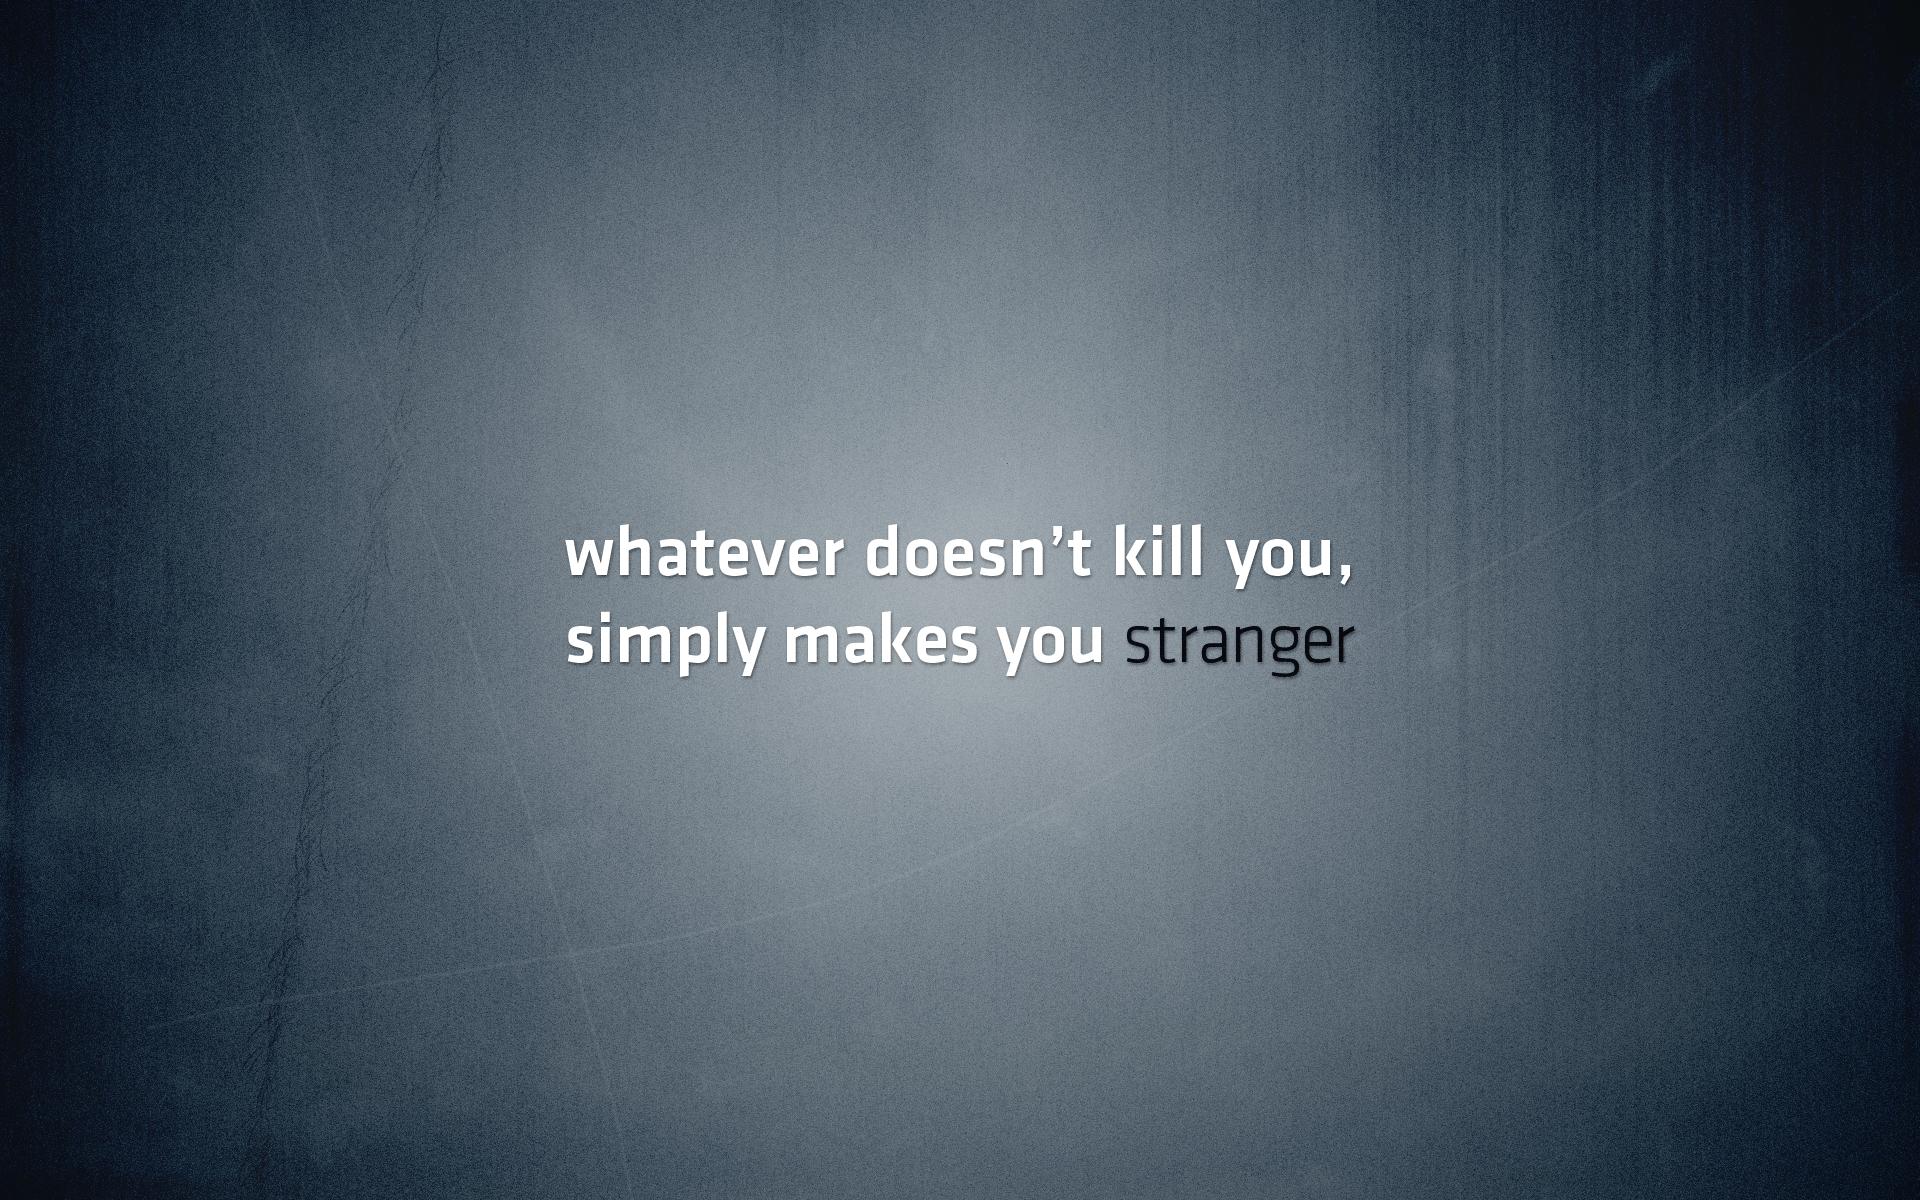 Metallic quote